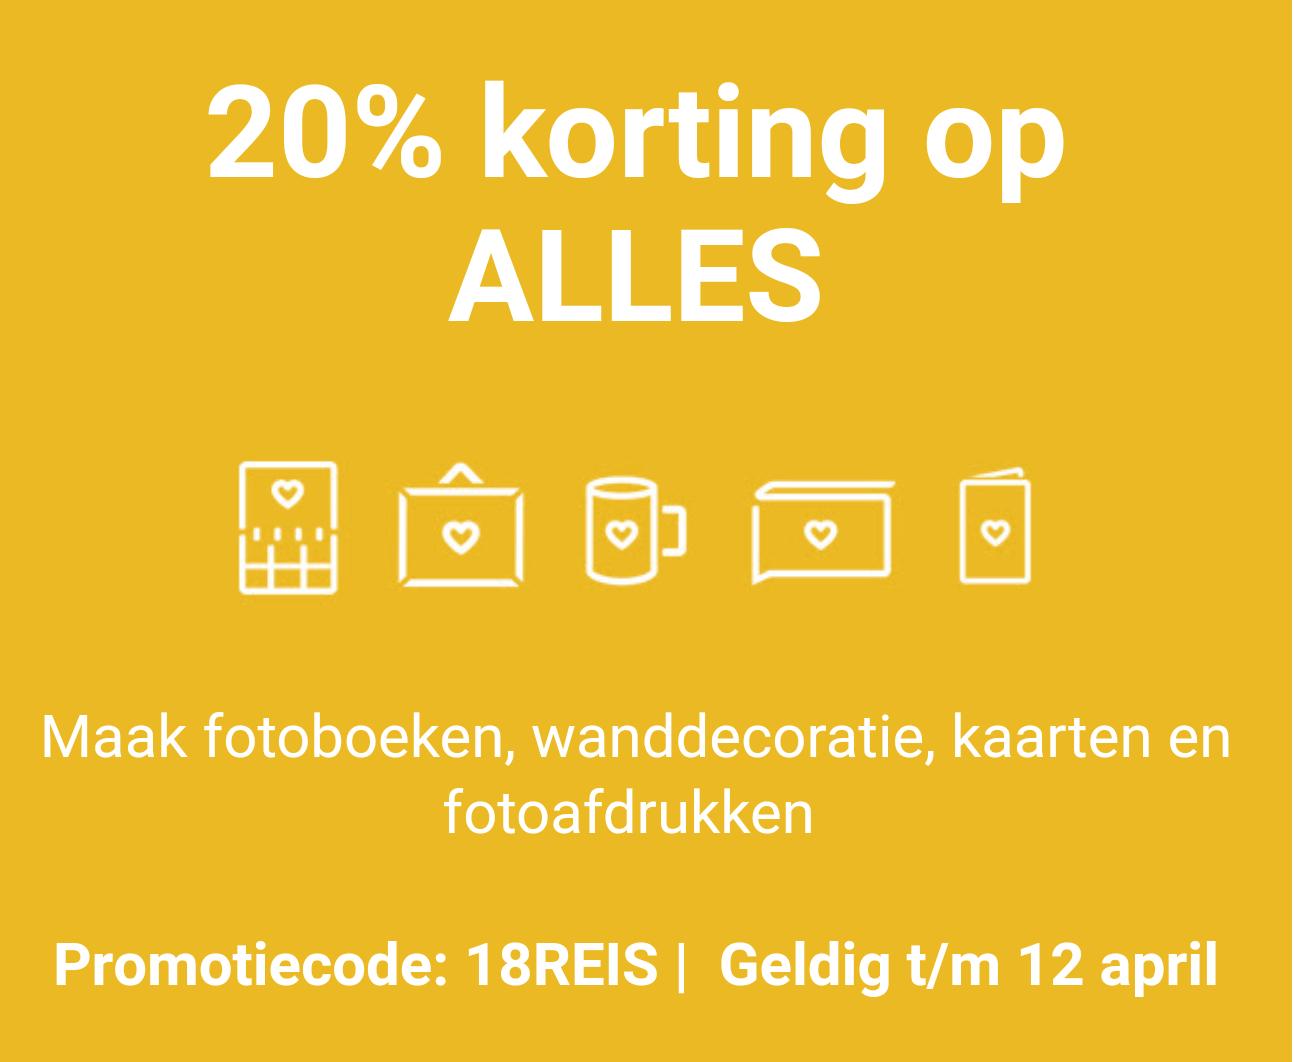 40% korting op fotoafdrukken + 20% korting op de rest @Albelli